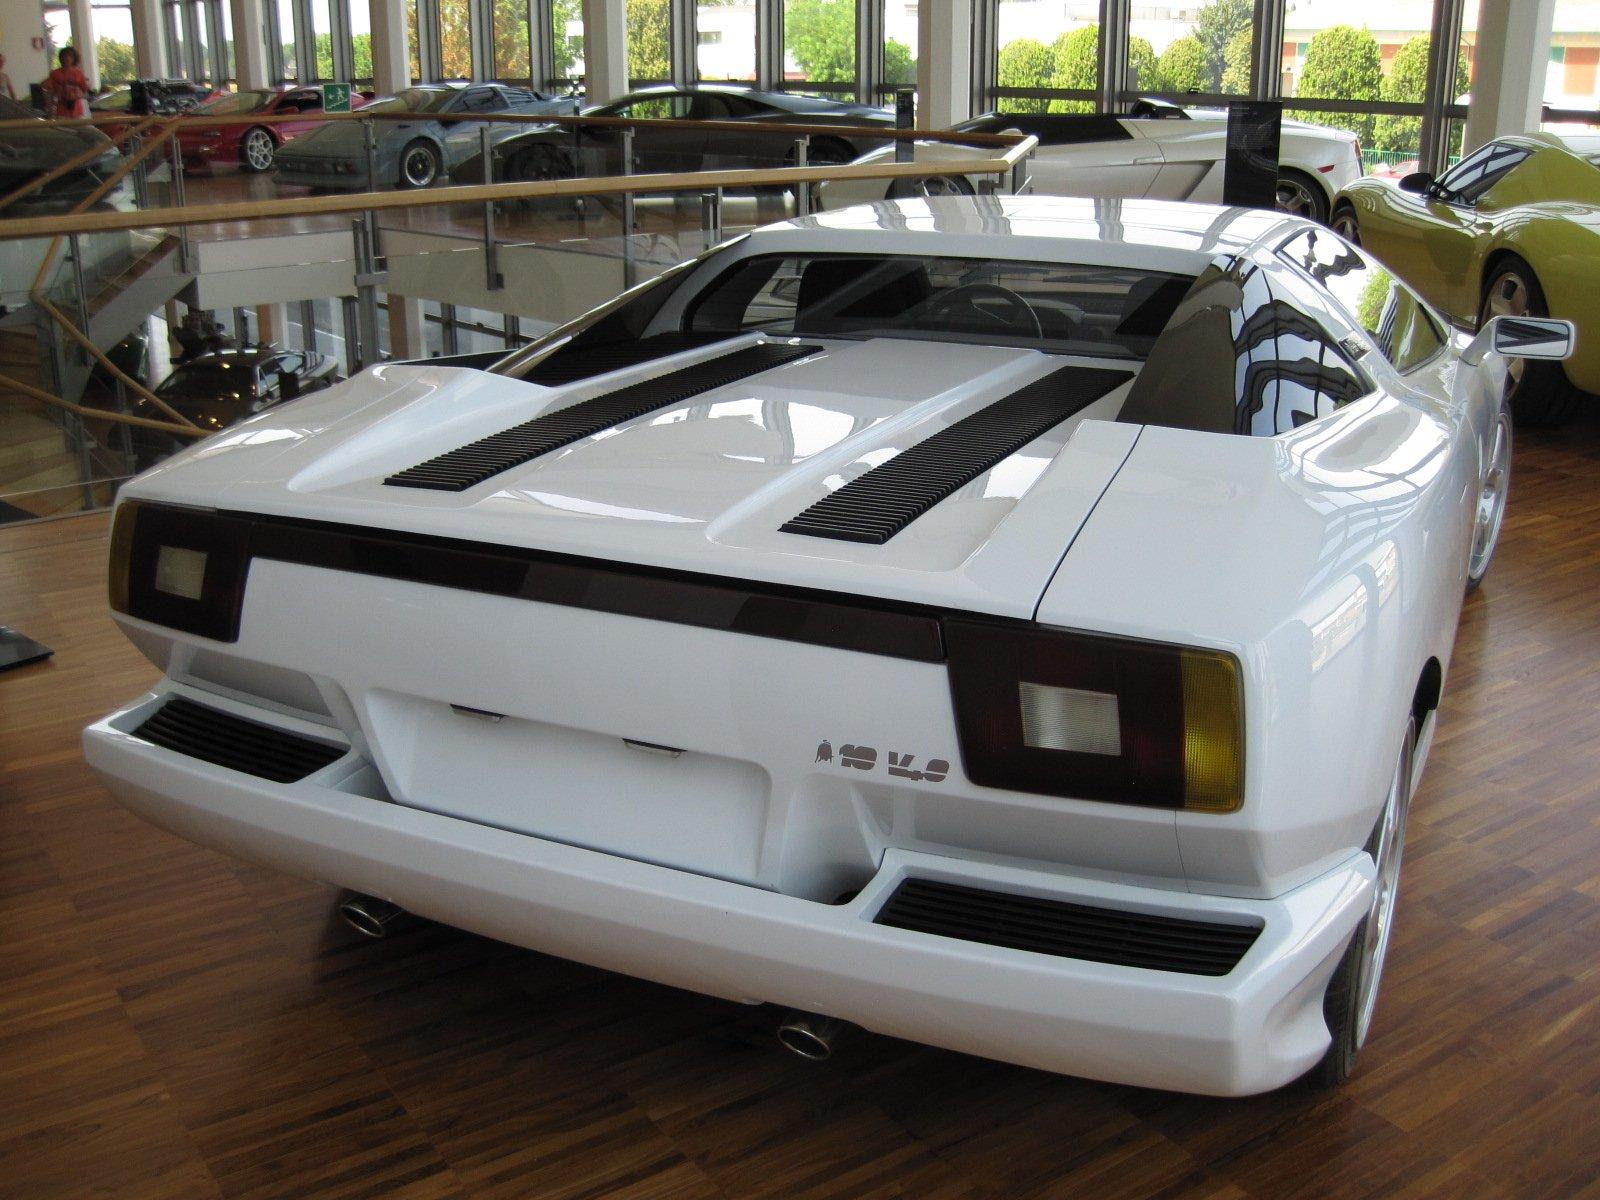 1988 Lamborghini P140 Concept rear, wikimedia: